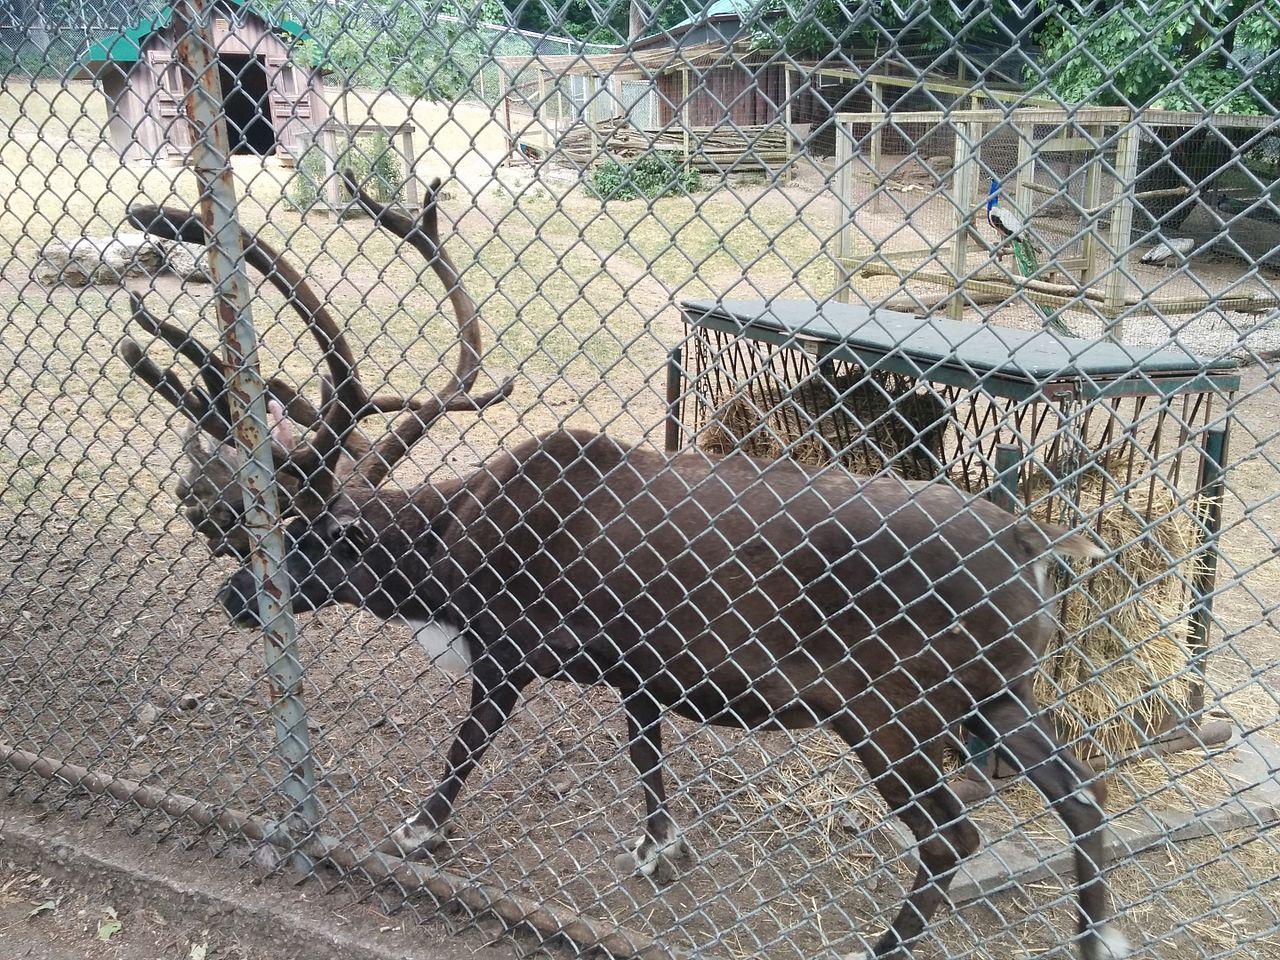 Why Putting Live Reindeer on Display is Inhumane